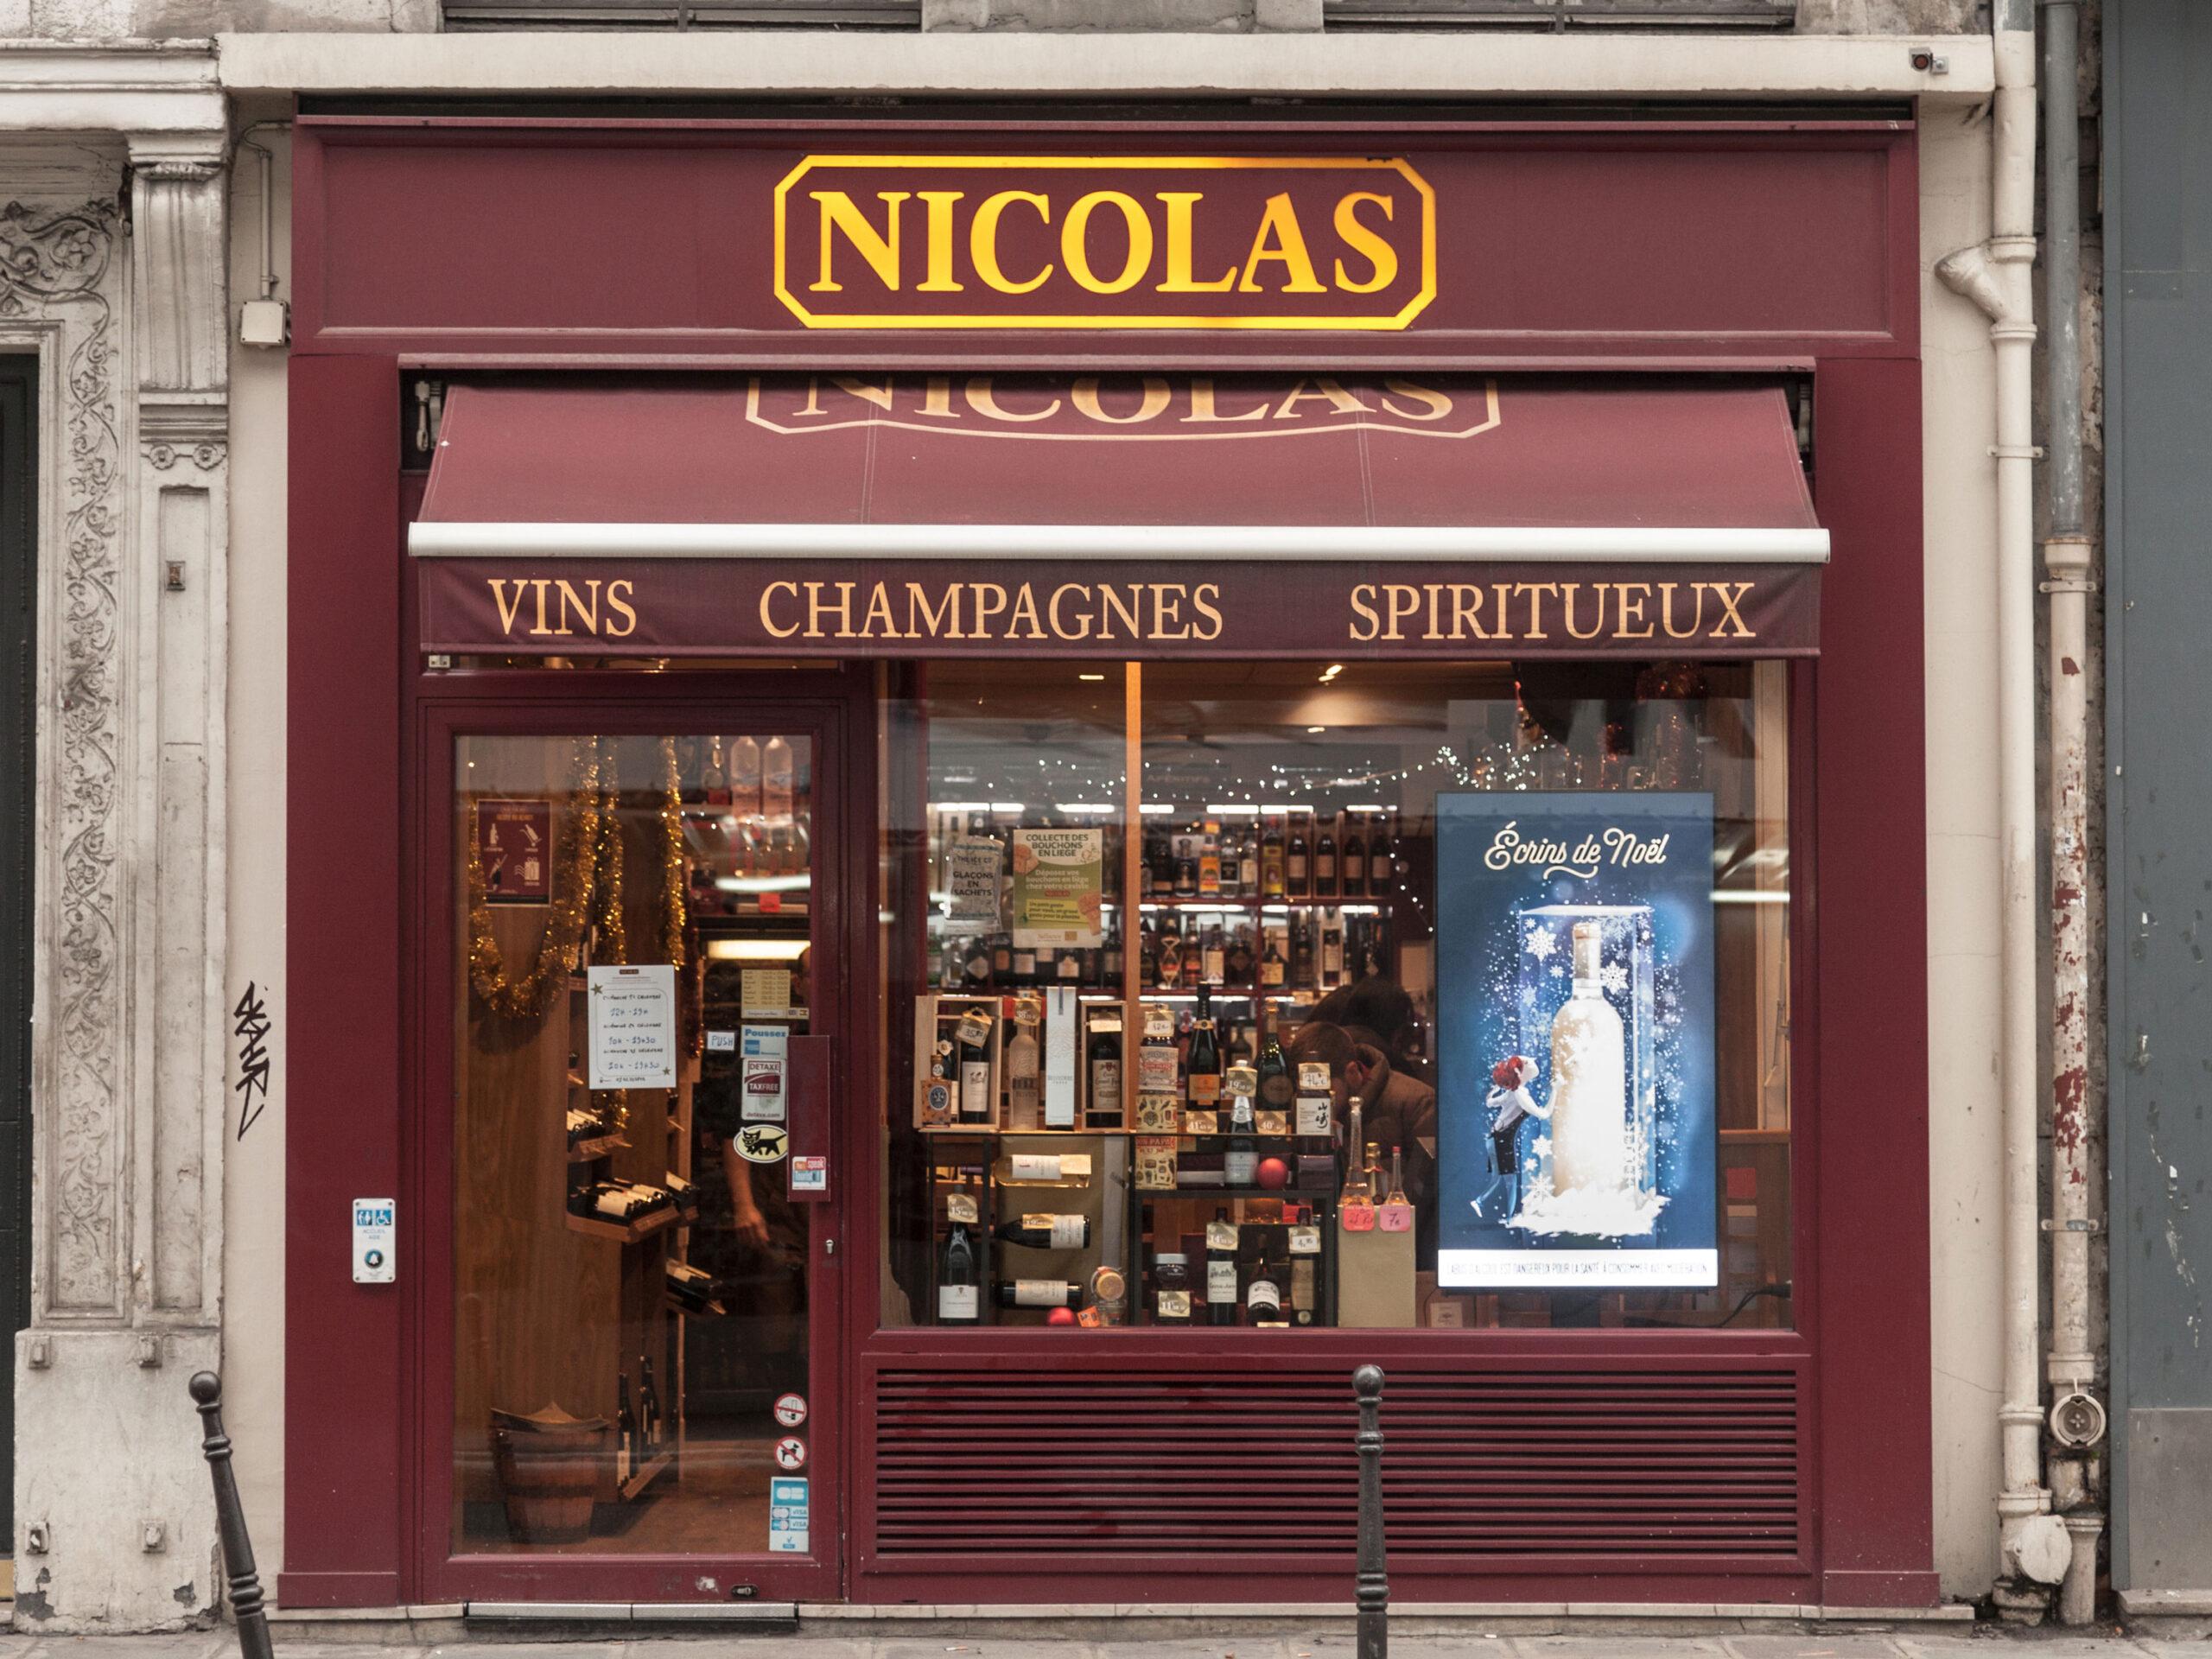 Nicolas vinbutikk Paris